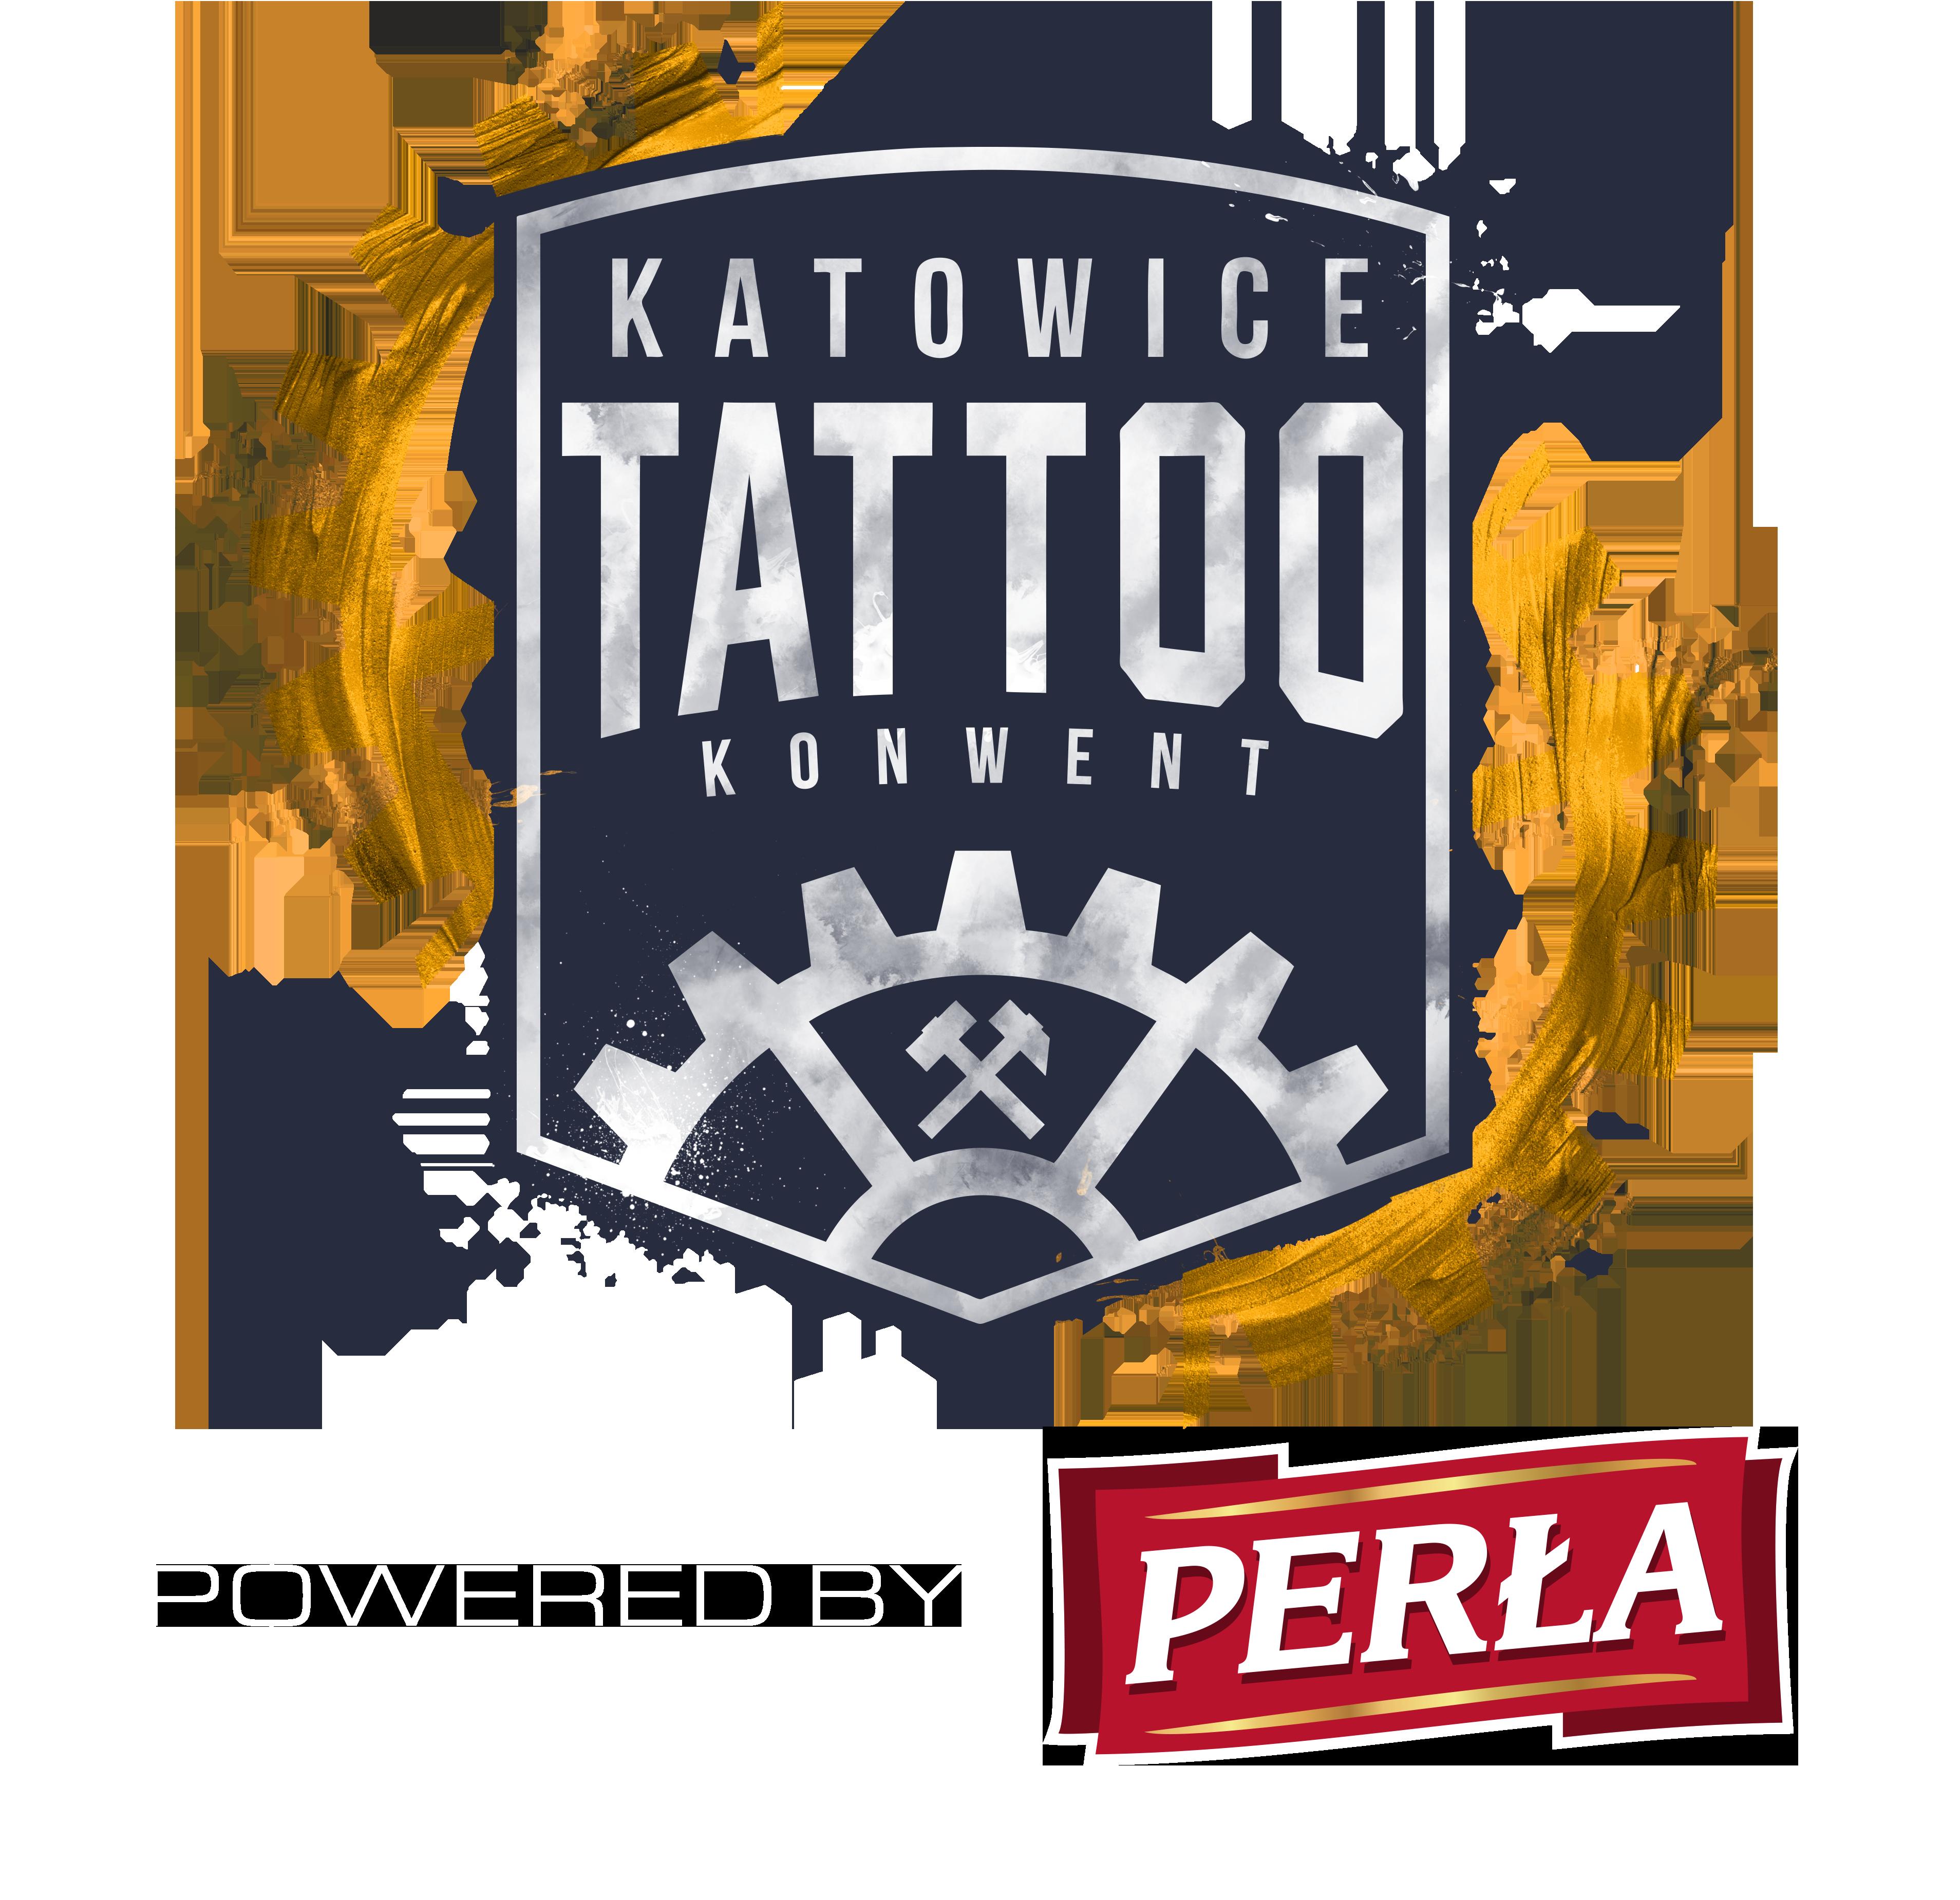 KAtowice Tattoo Konwent